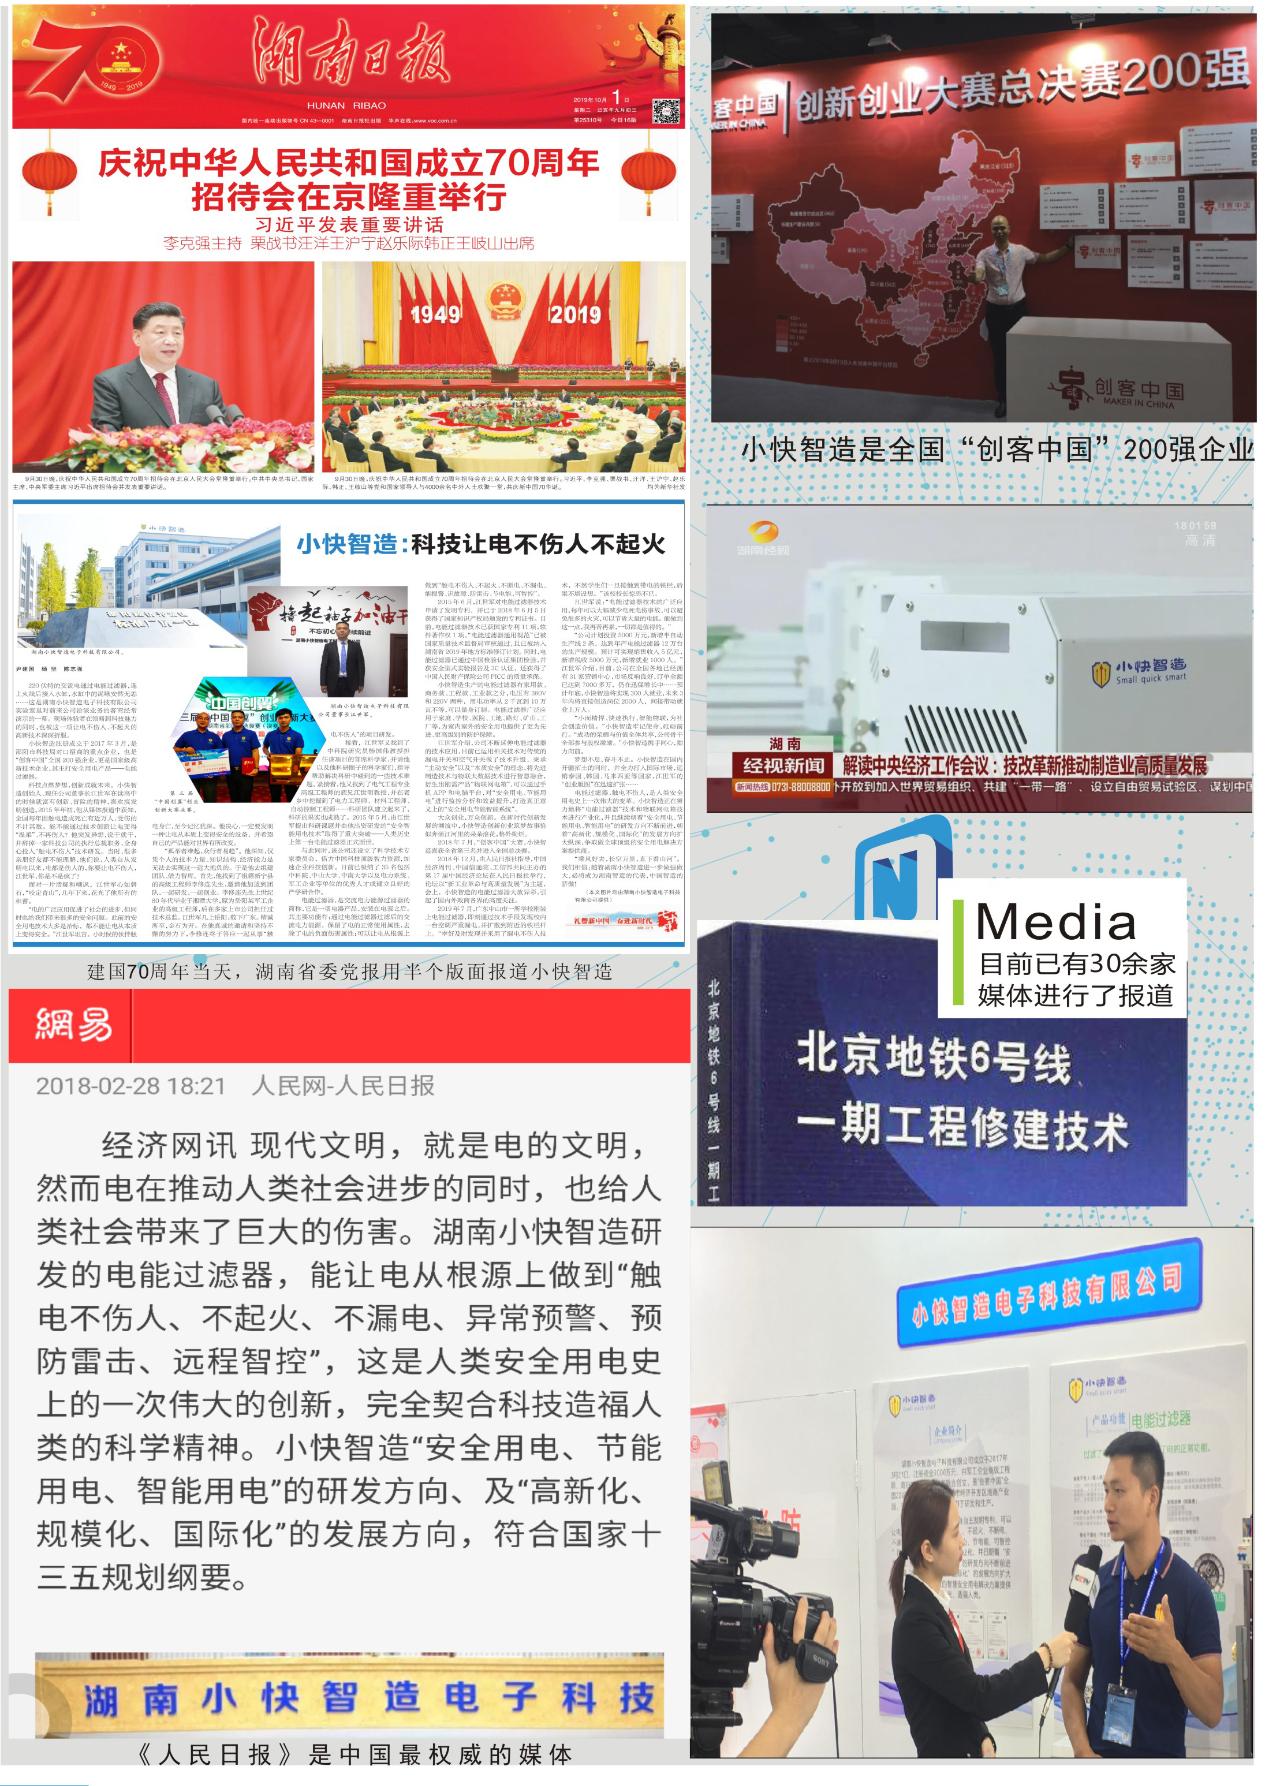 宣传页图片16.jpg